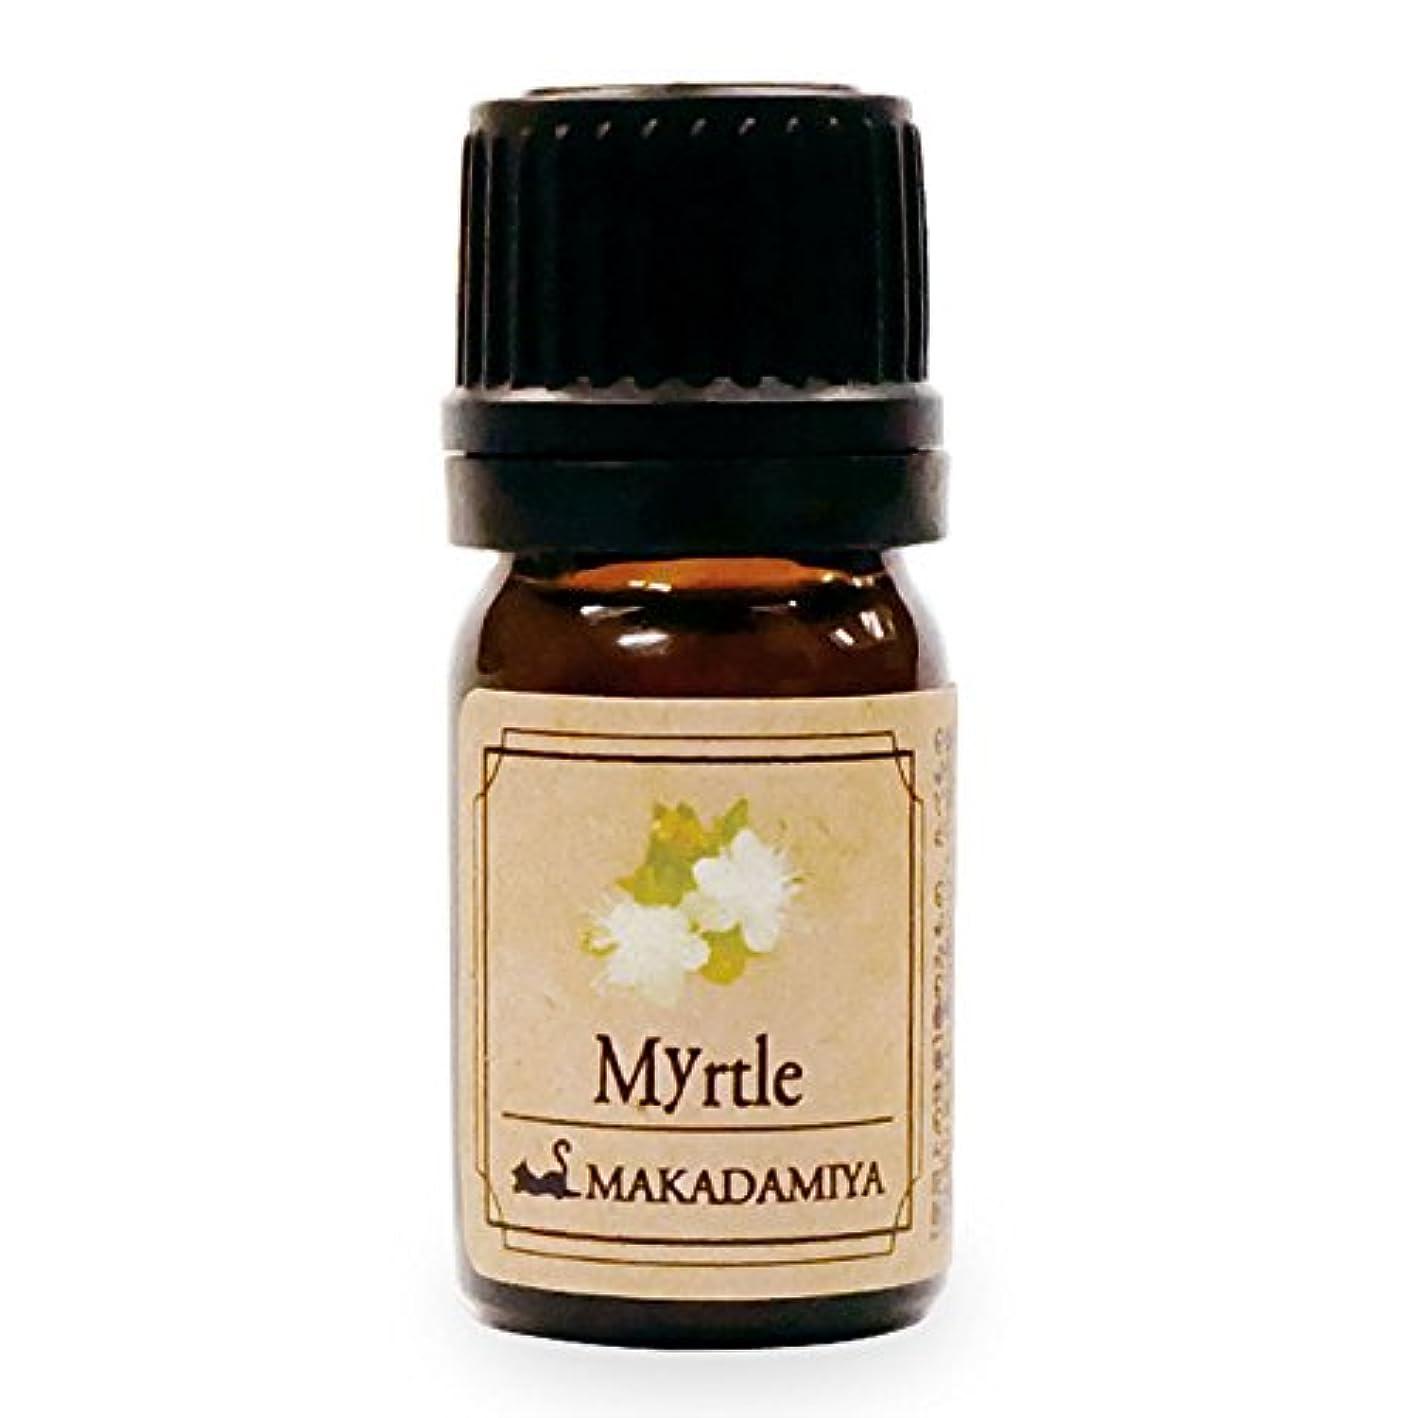 プレフィックス評価可能創傷マートル5ml 天然100%植物性 エッセンシャルオイル(精油) アロマオイル アロママッサージ aroma Myrtle